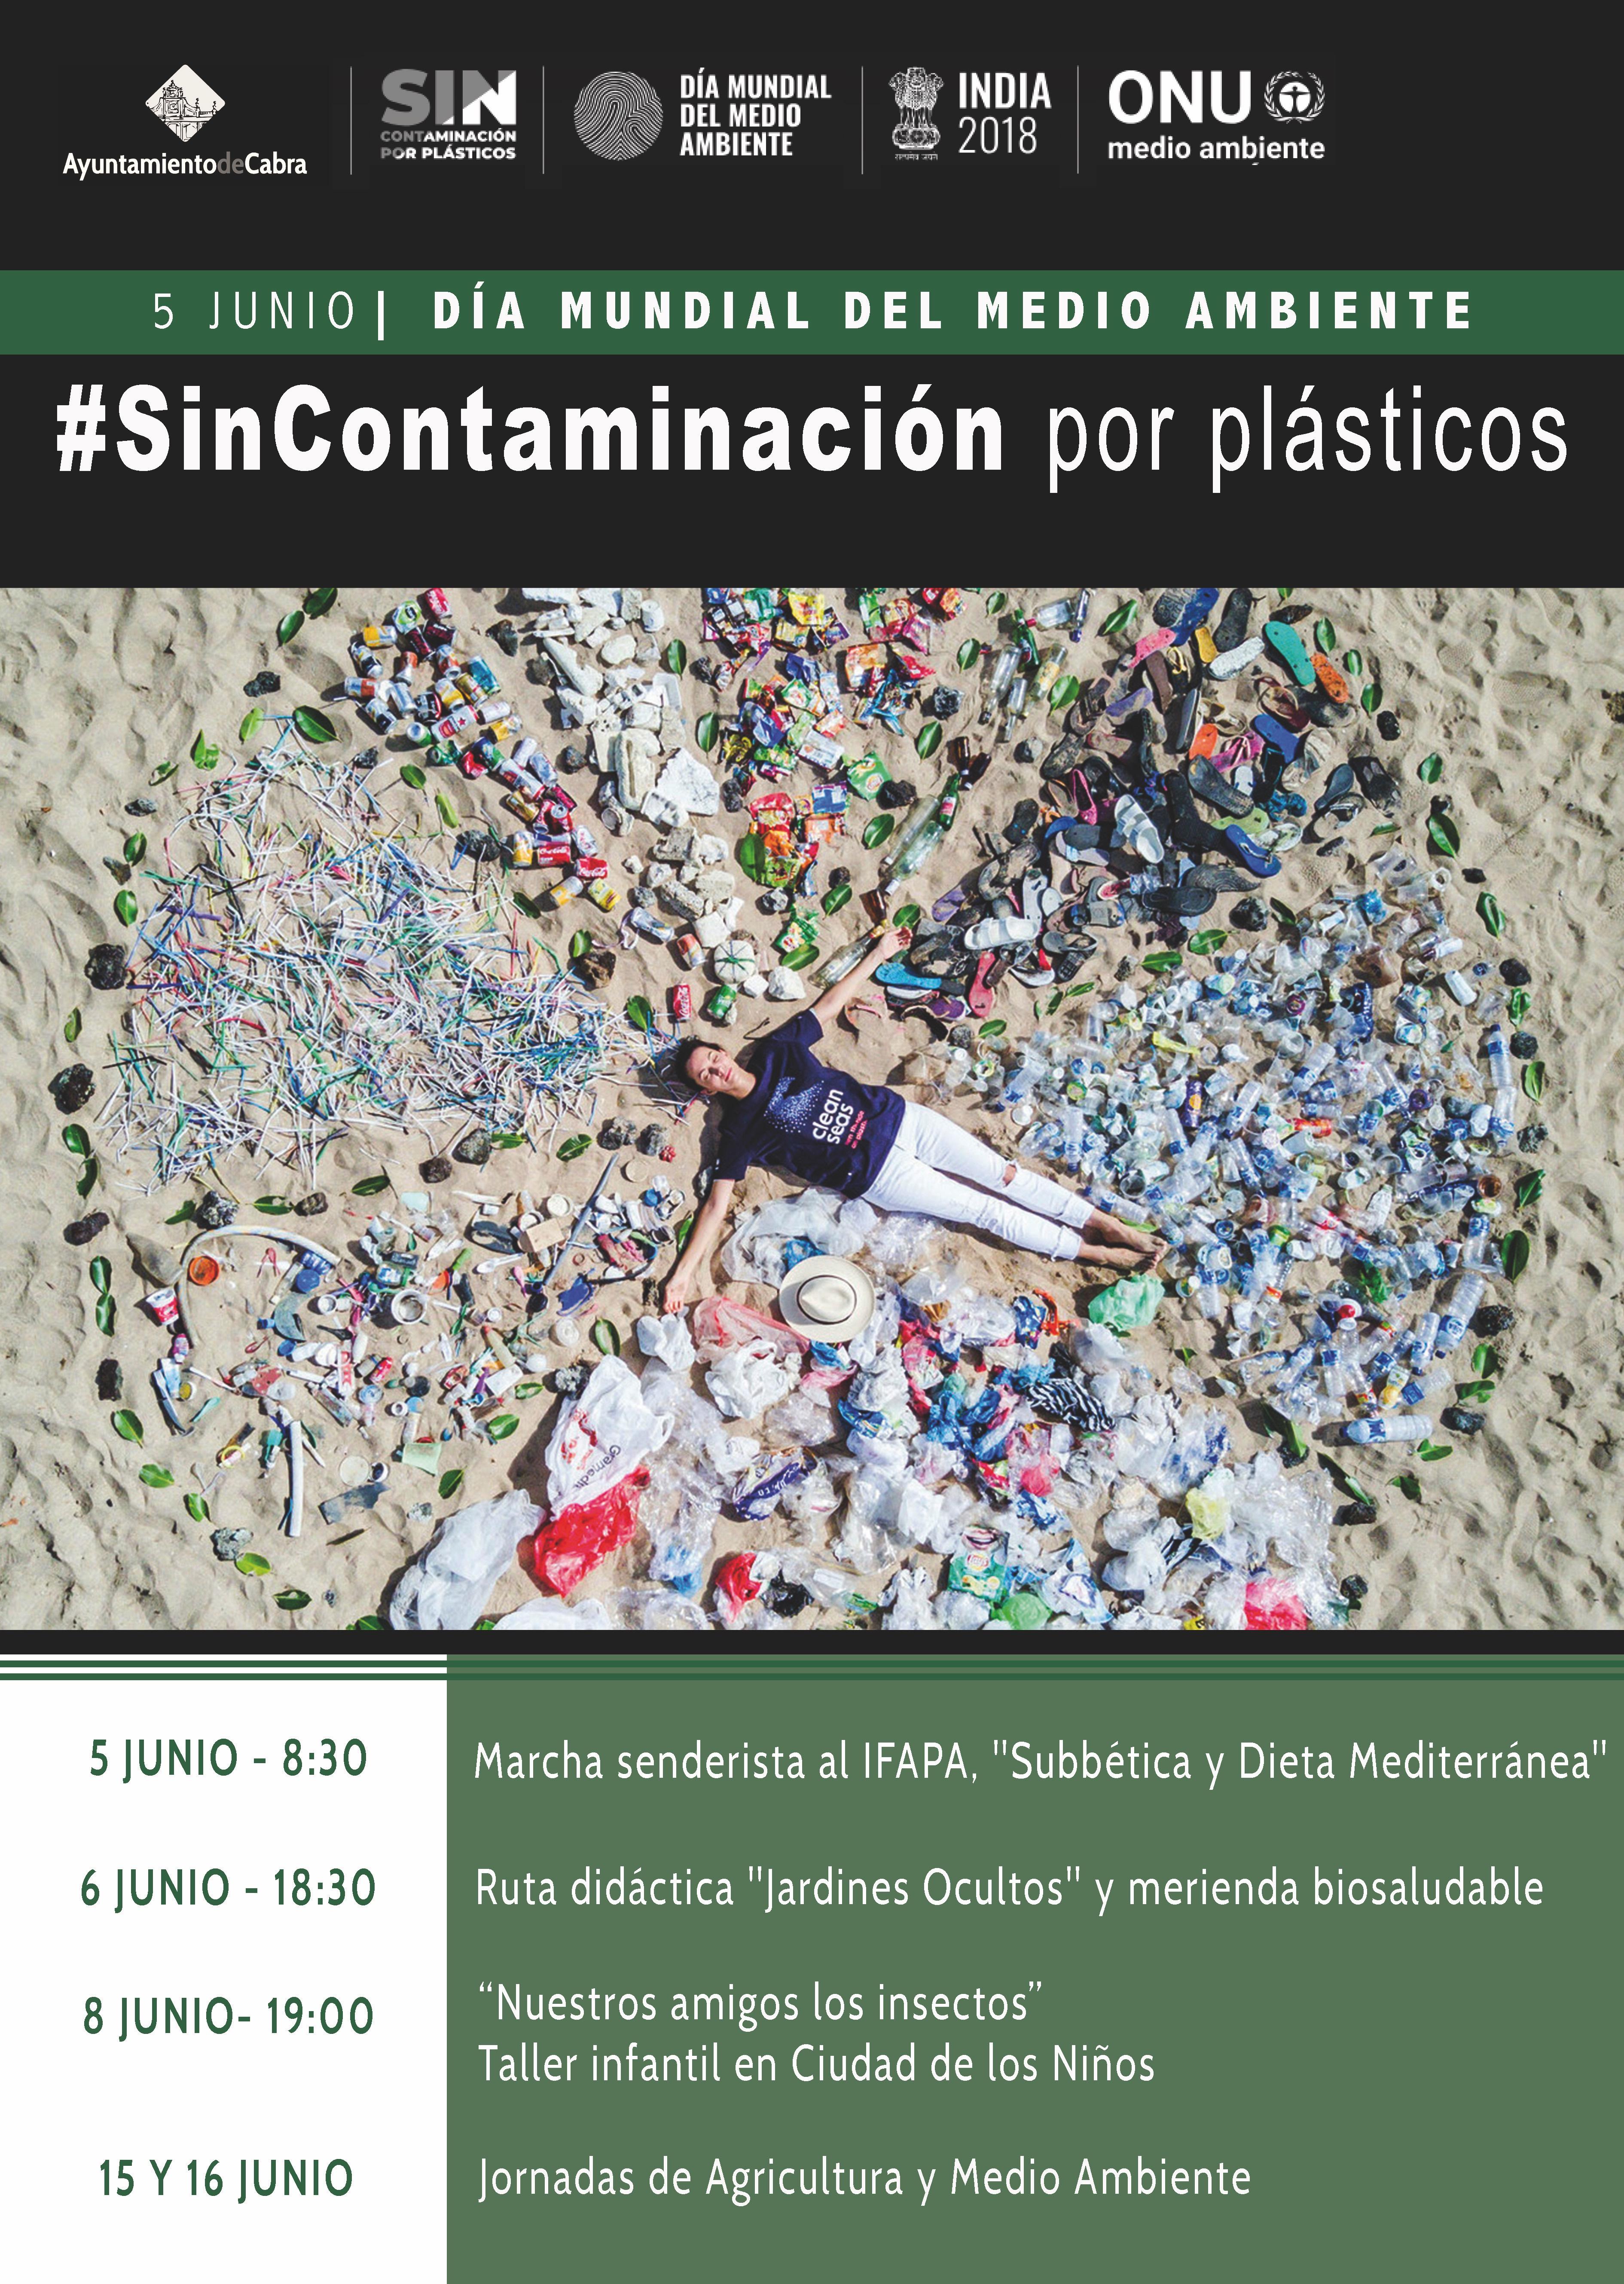 El Ayuntamiento conmemora el Día Mundial del Medio Ambiente con actividades a lo largo de todo el mes de junio